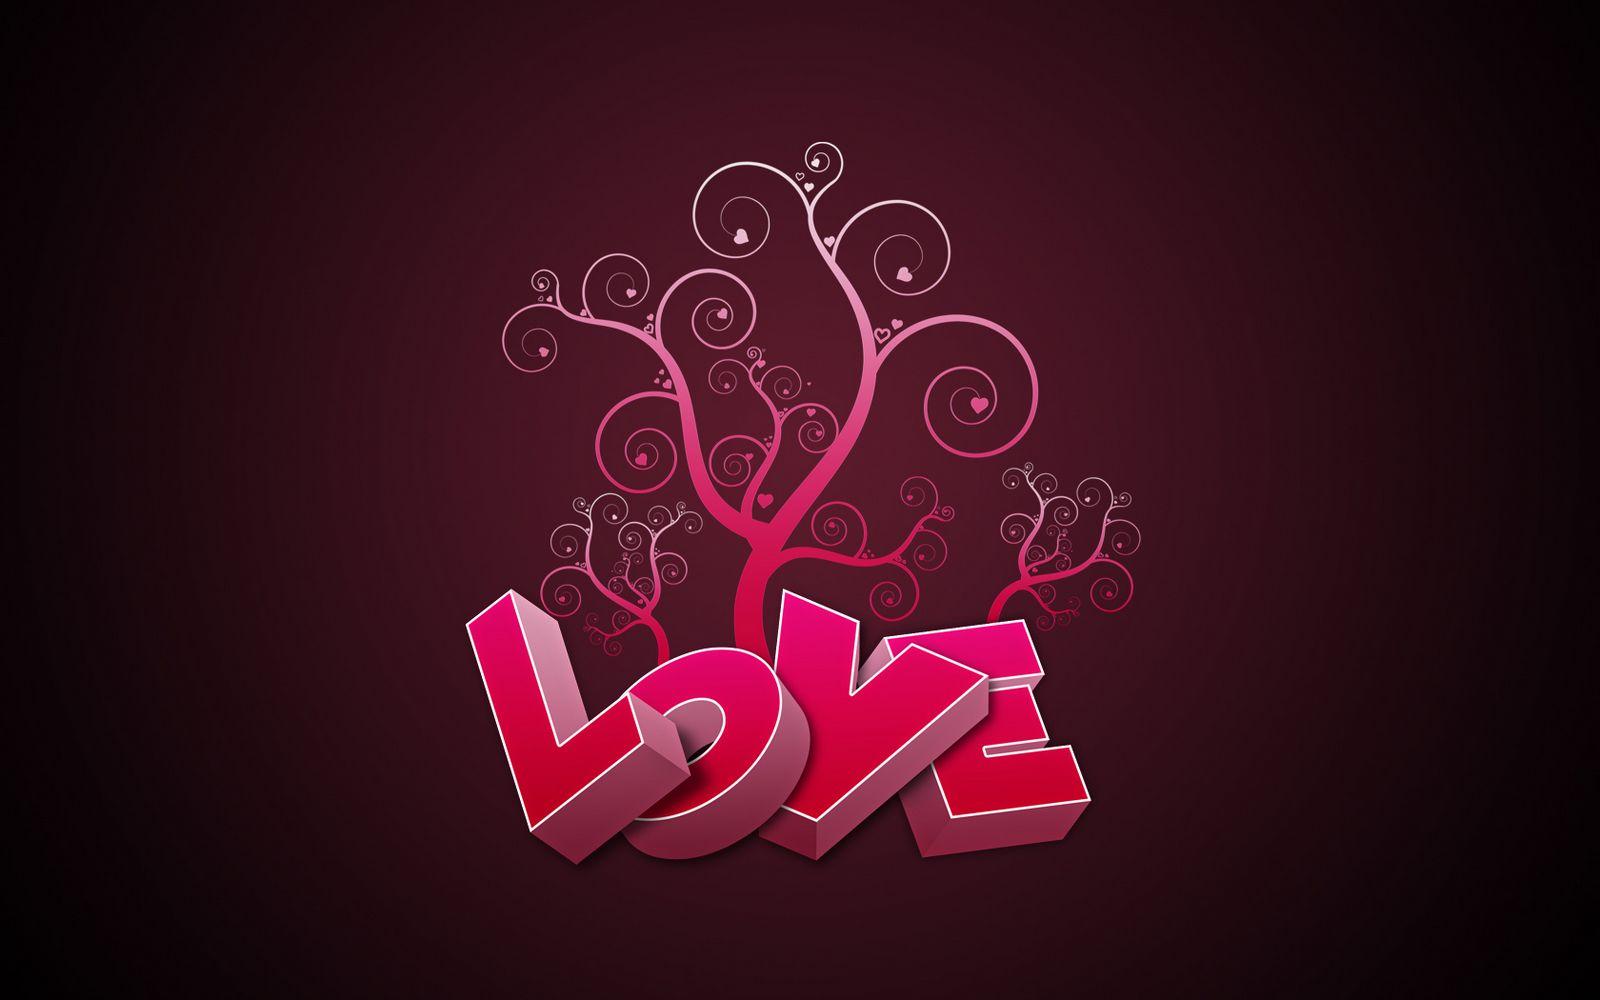 http://2.bp.blogspot.com/-6k62YhDhBZQ/UGg0hW6J6AI/AAAAAAAAKIg/2fh84DqjXLY/s1600/Imagen+de+Amor+Wallpaper+HD.jpg